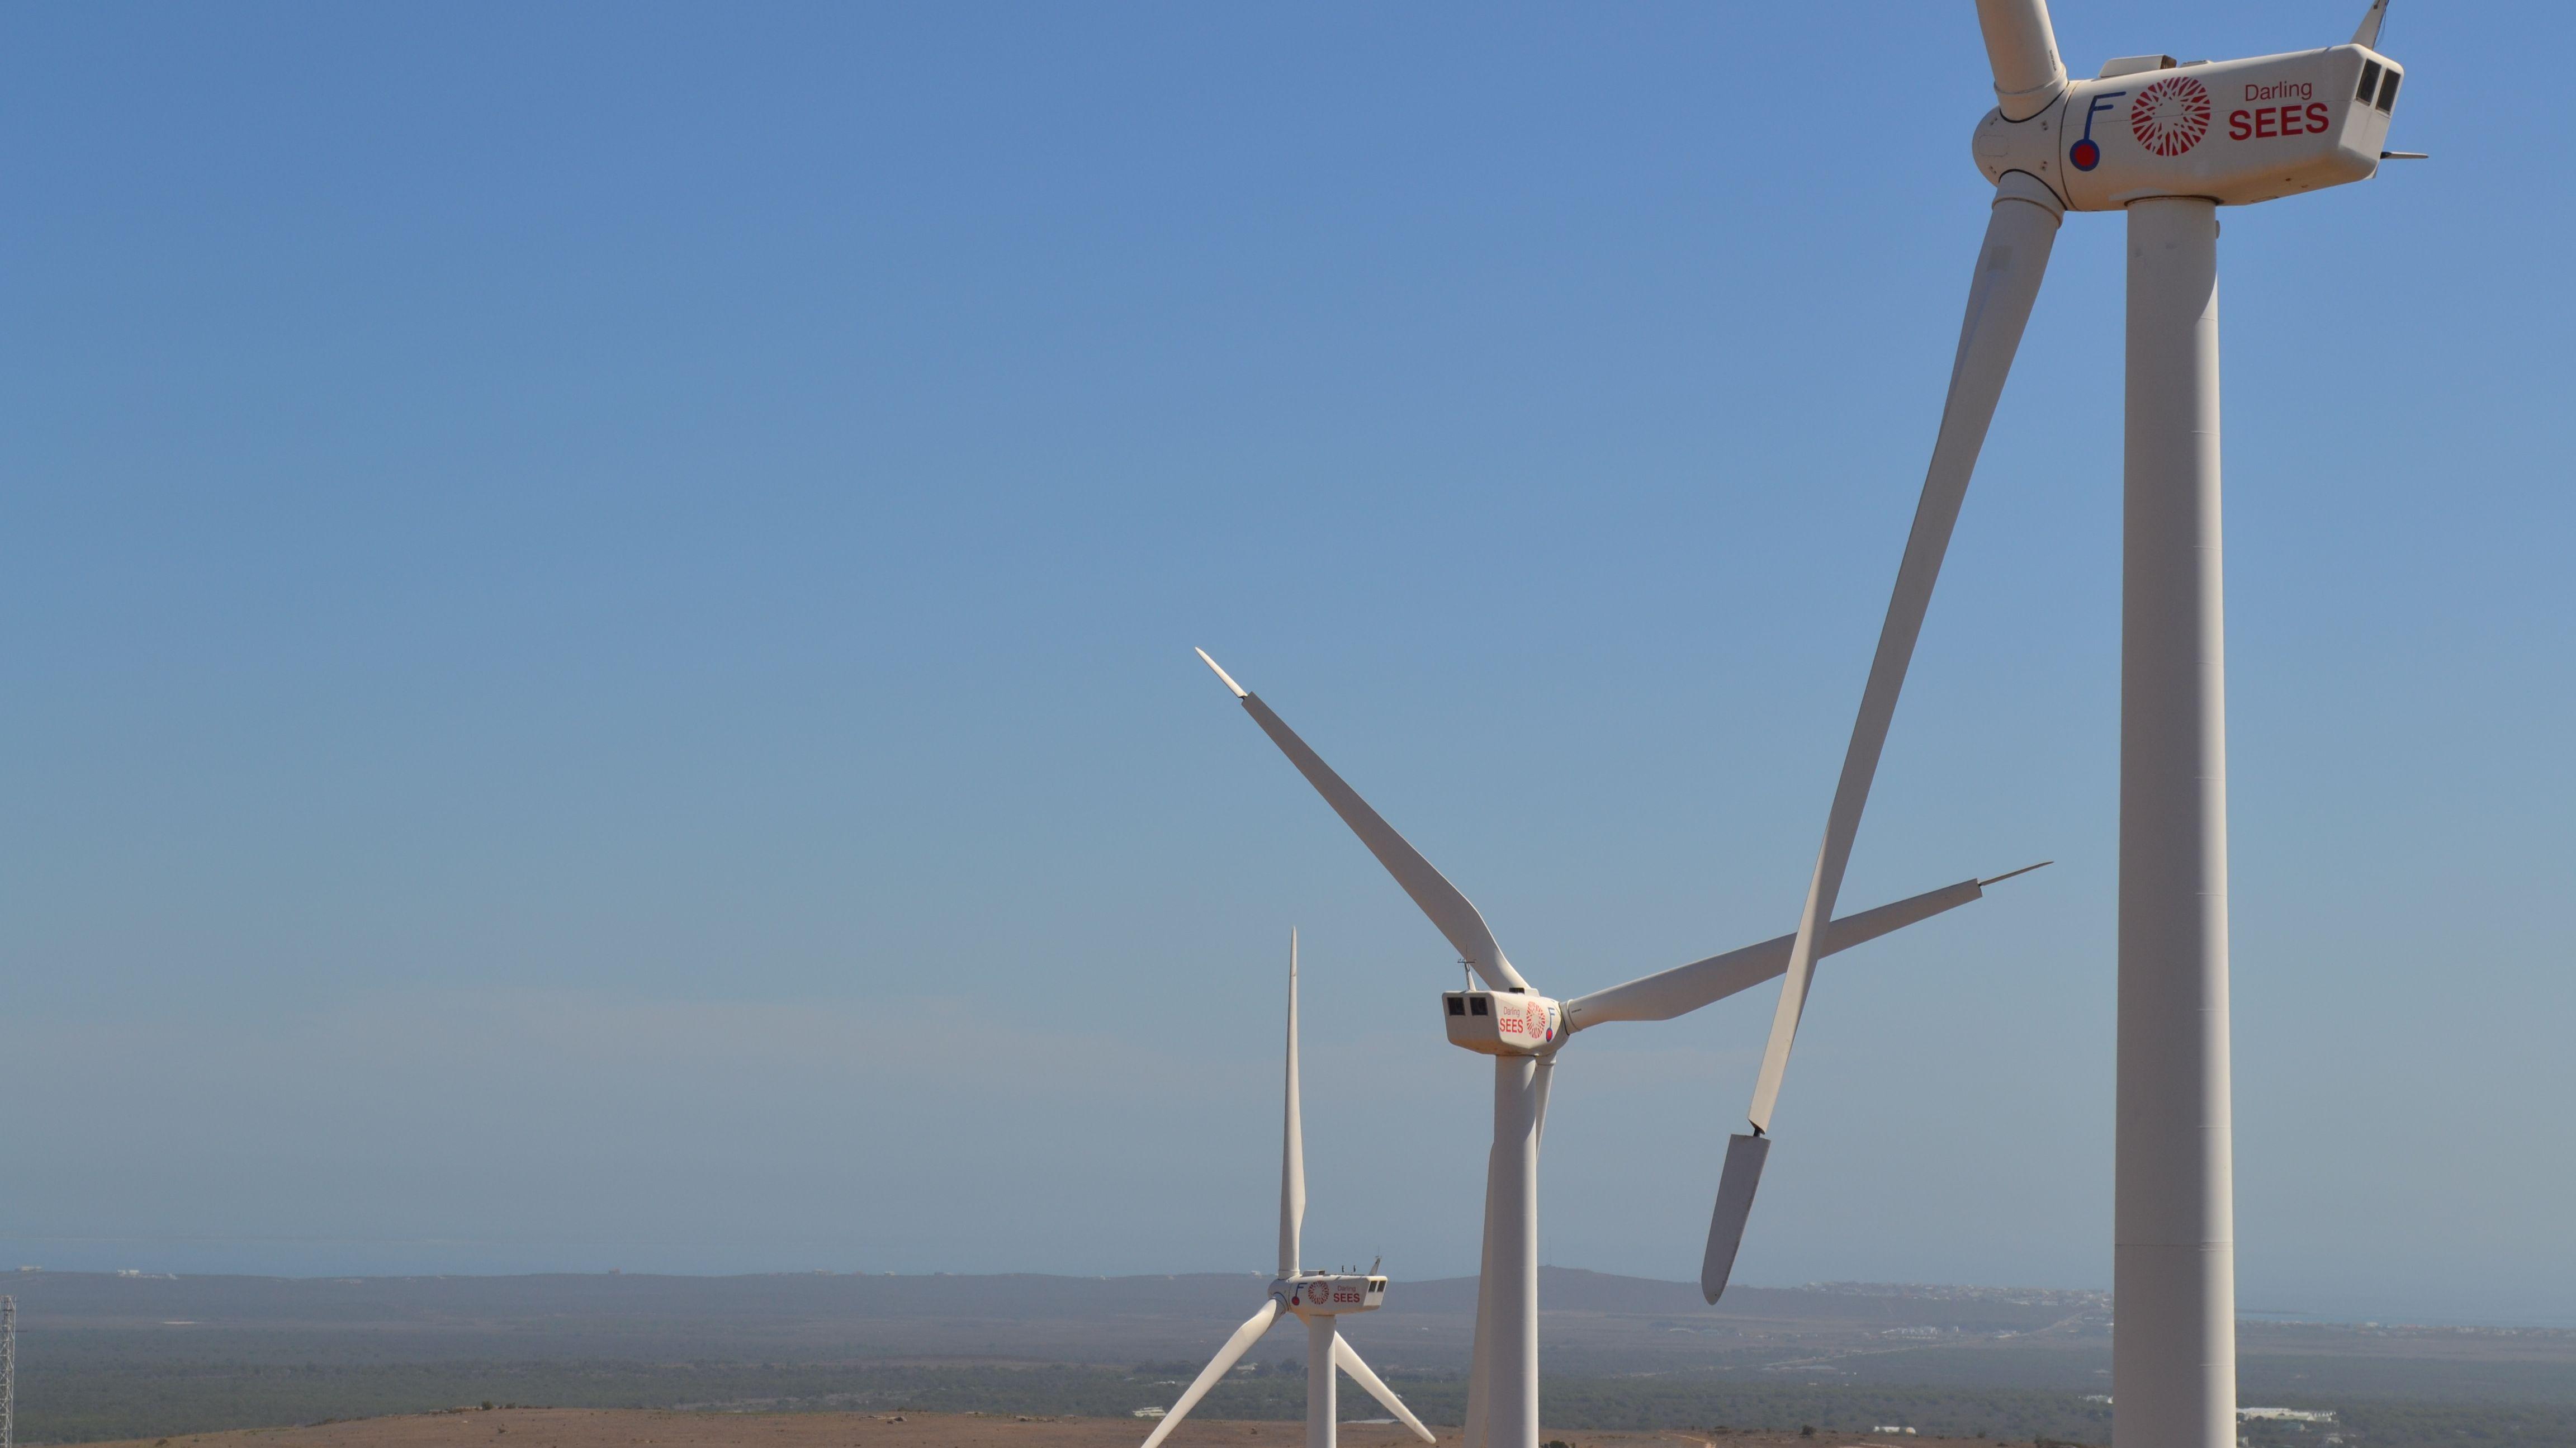 Windräder auf der Darling Windfarm in Darling in der südafrikanischen Provinz Westcap